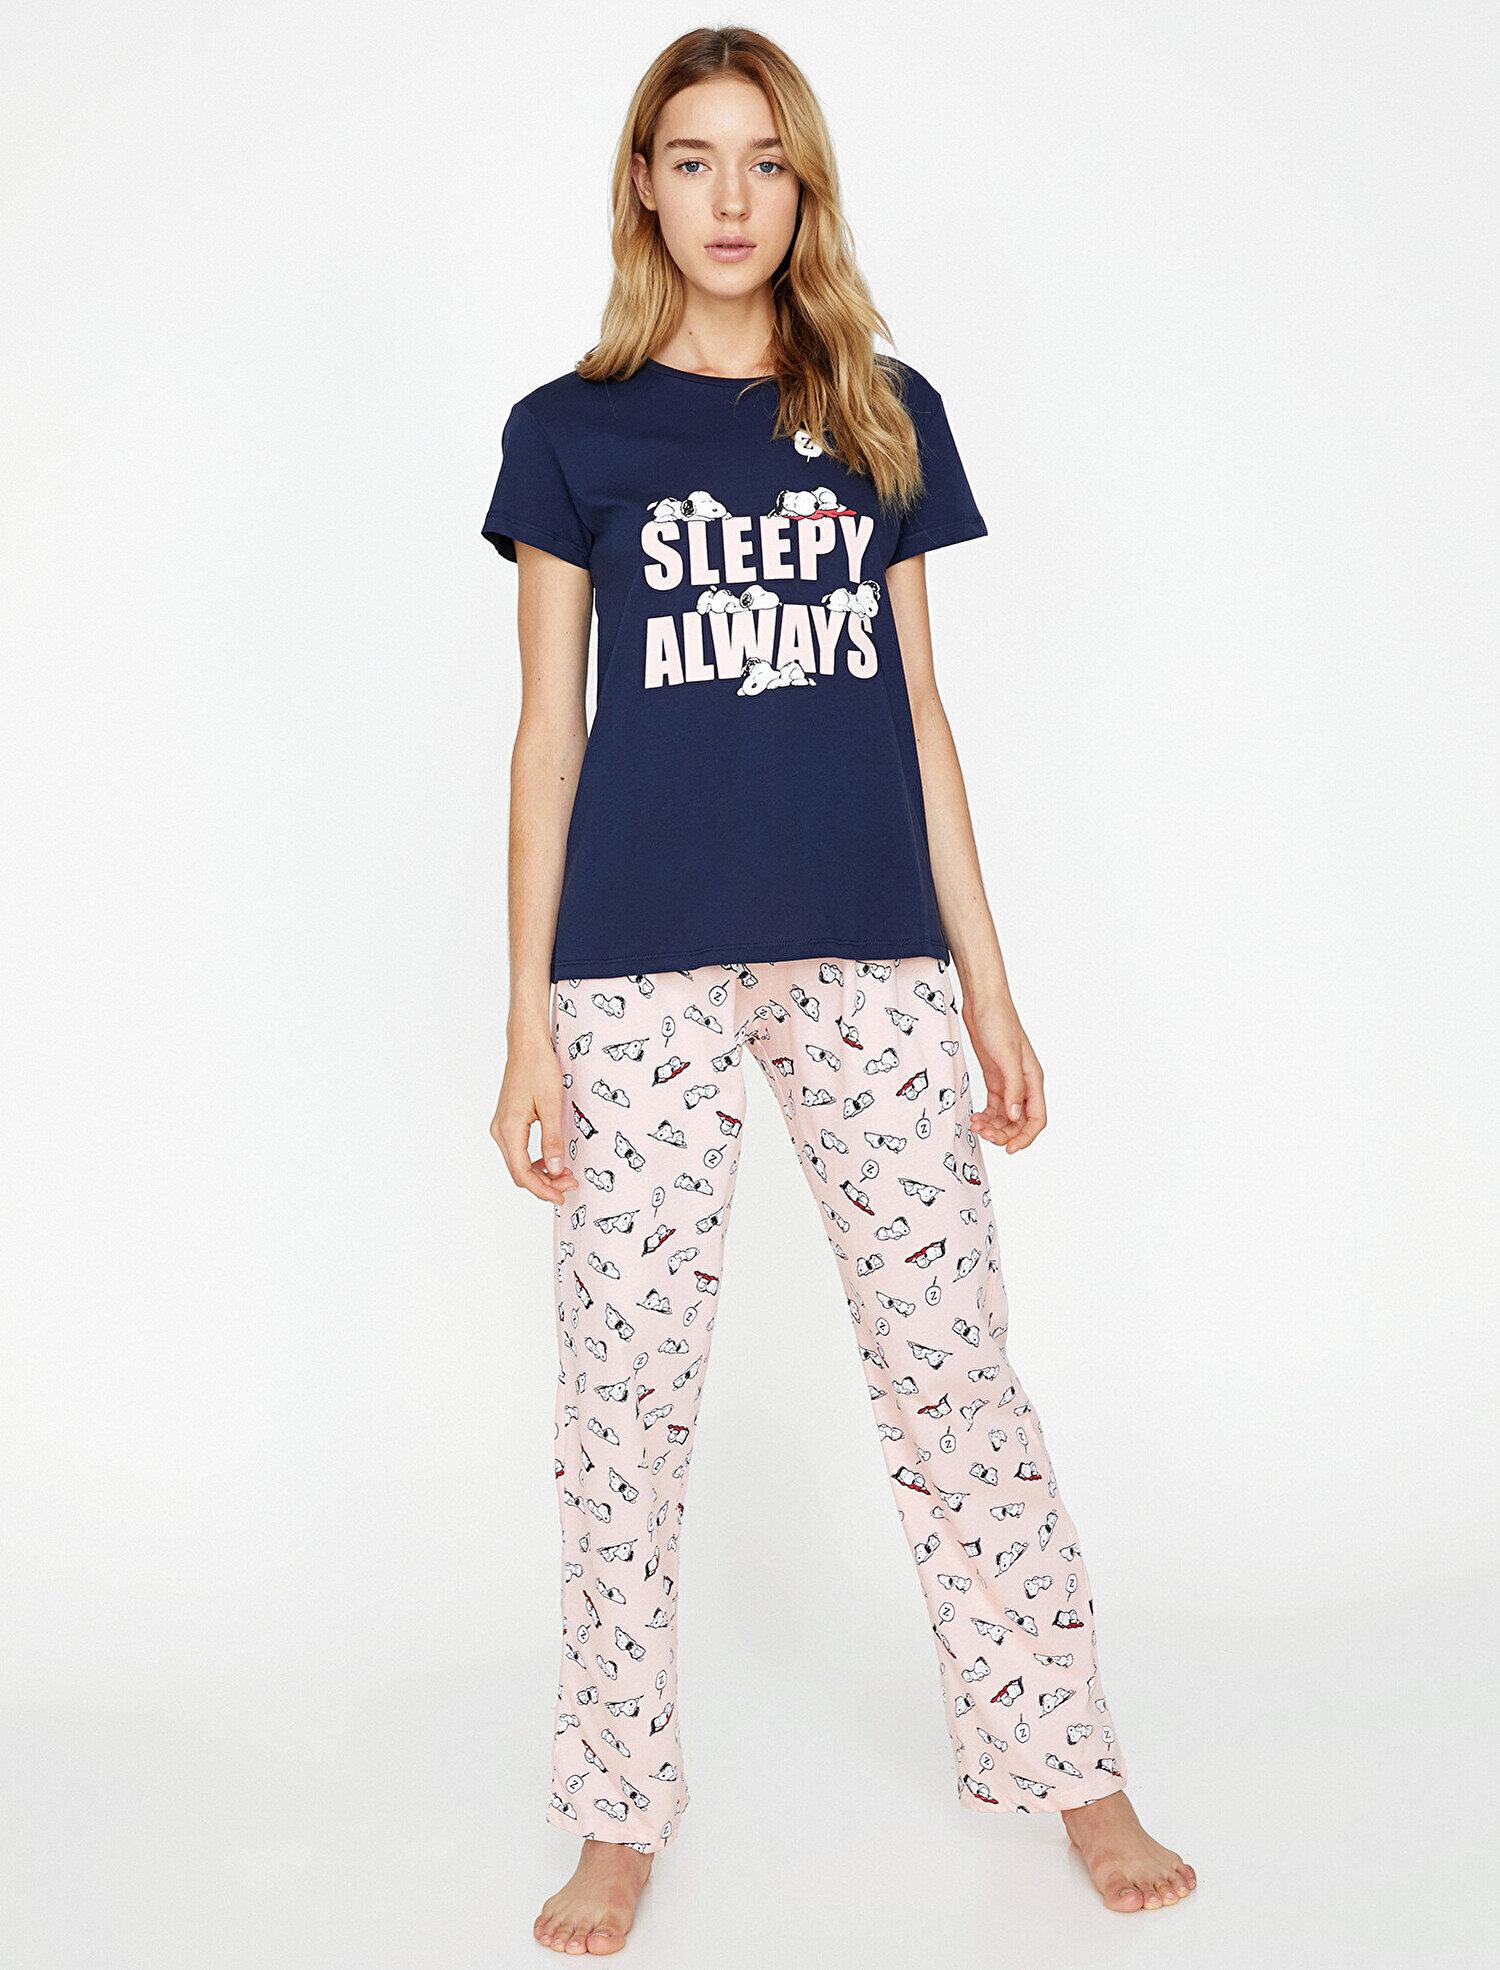 disponible où puis je acheter aspect esthétique Snoopy Printed Pyjama Set